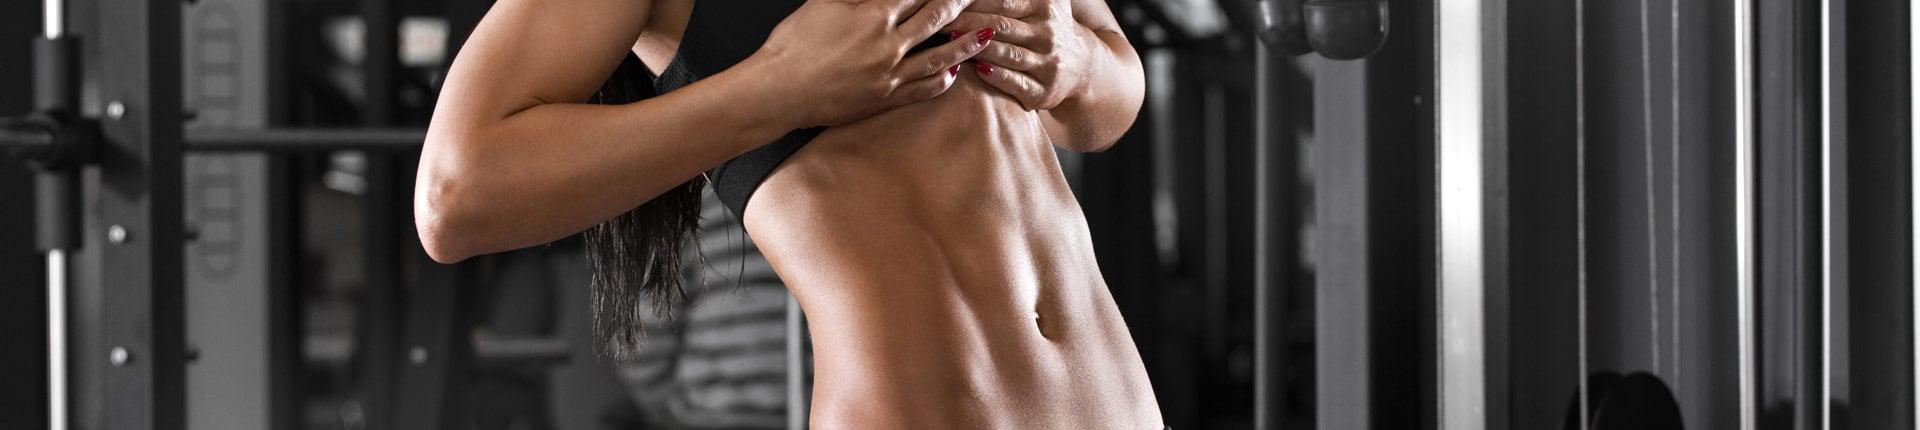 Ile czasu potrzeba, żeby spalić tłuszcz z brzucha?